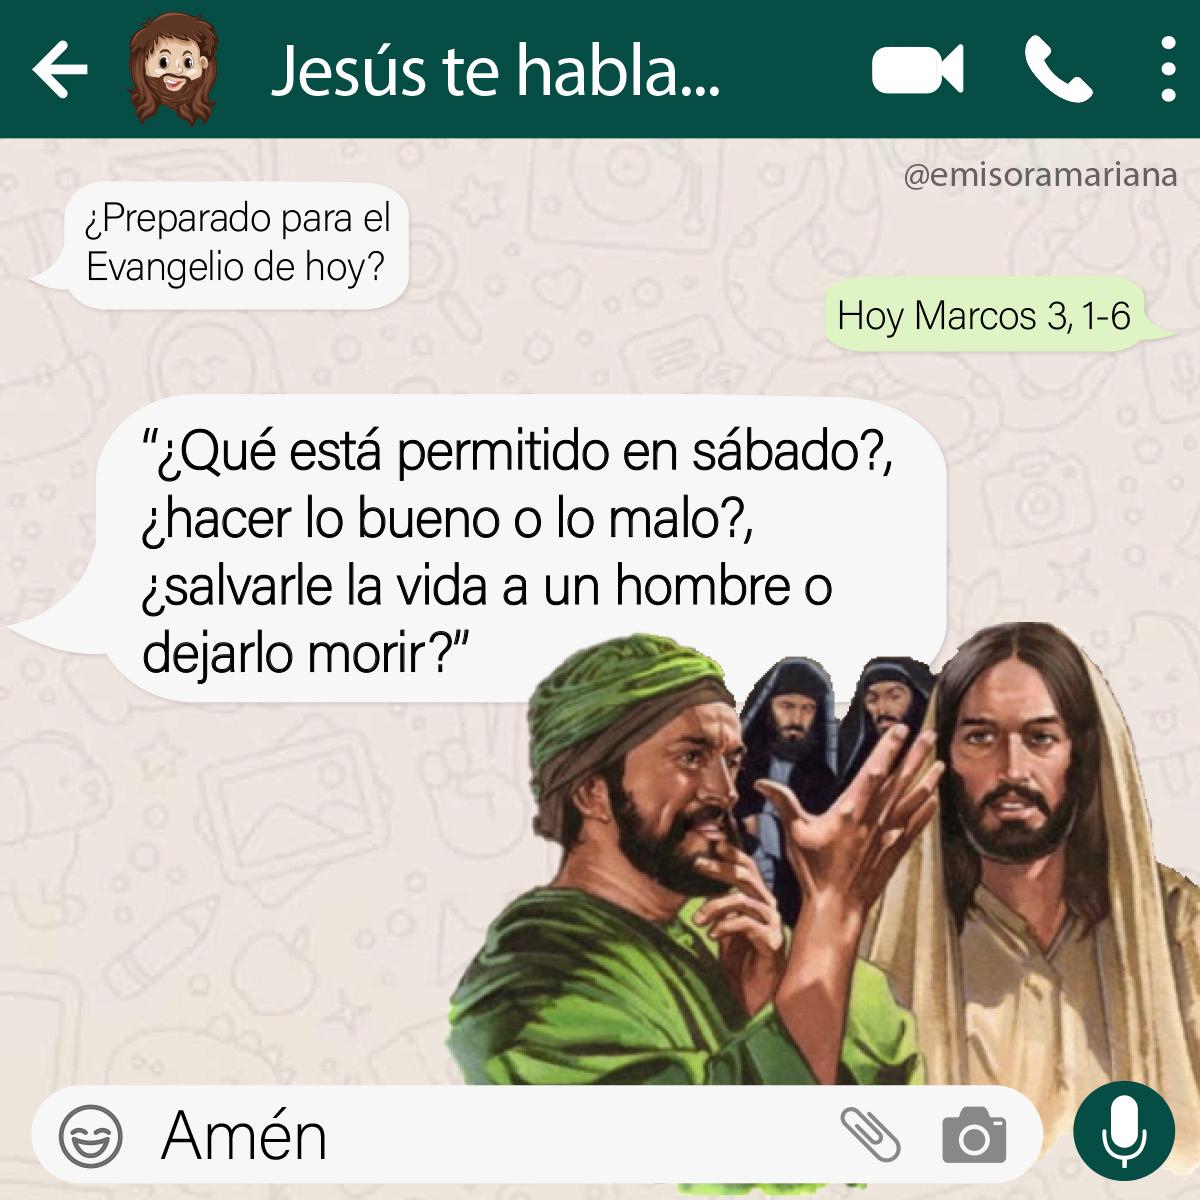 #BuenosDias 🤪¿El testimonio que damos favorece la dignidad humana?🤔🙈  #20Ene #EvangelioDeHoy #FelizAño #FelizMiércoles #20Enero #FelizMiércolesATodos #AñoNuevo #Feliz2021☺️